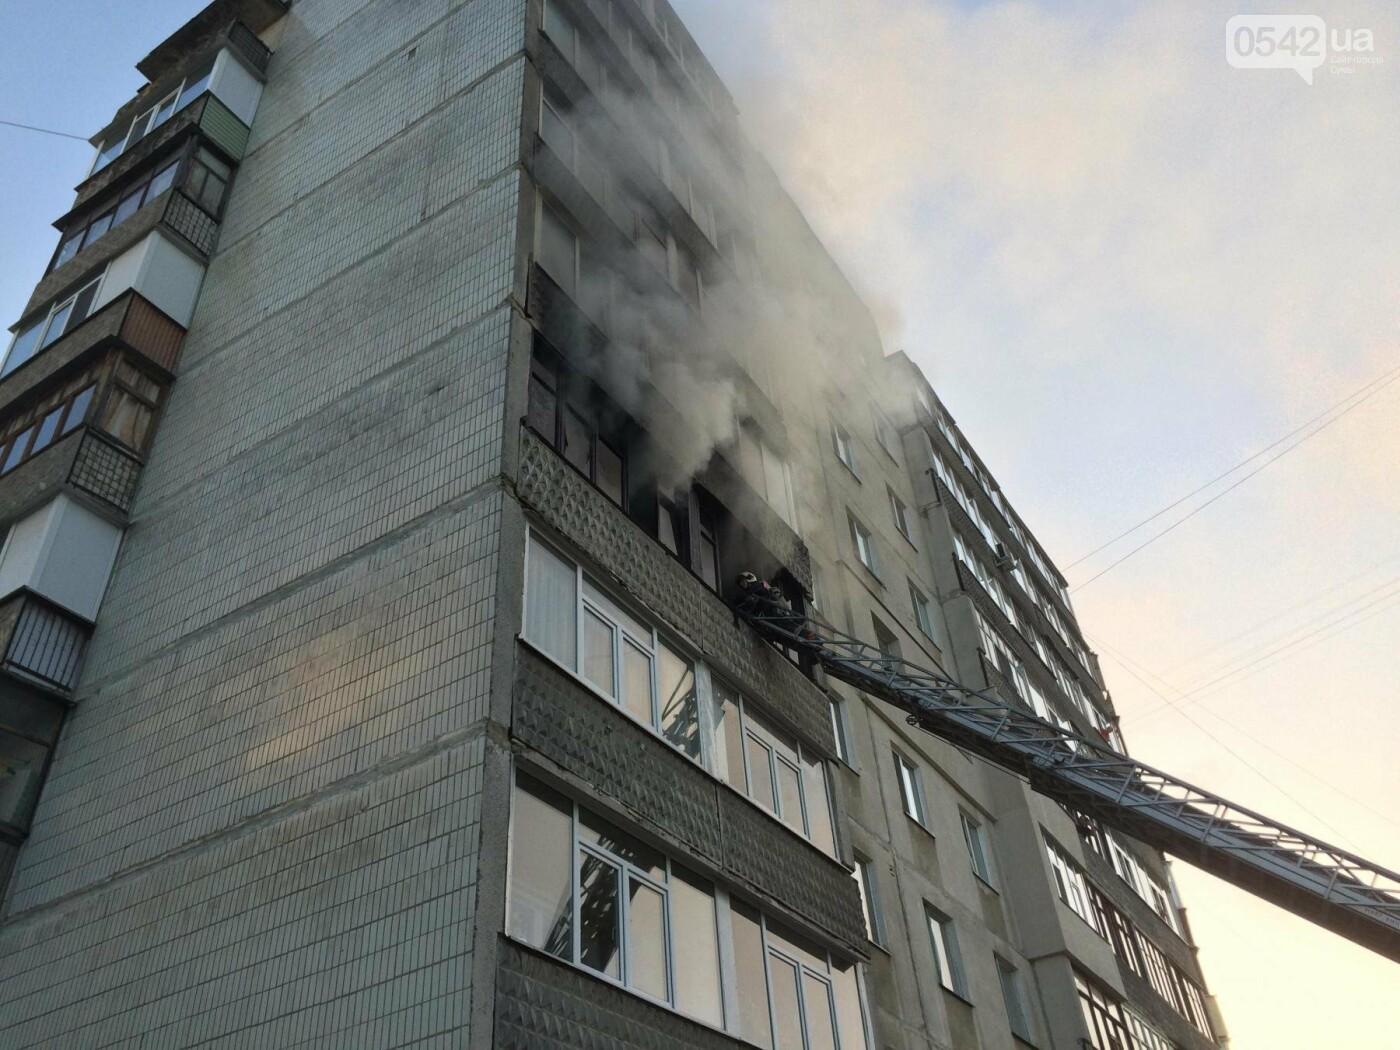 В Сумах горела квартира в многоэтажке, фото-9